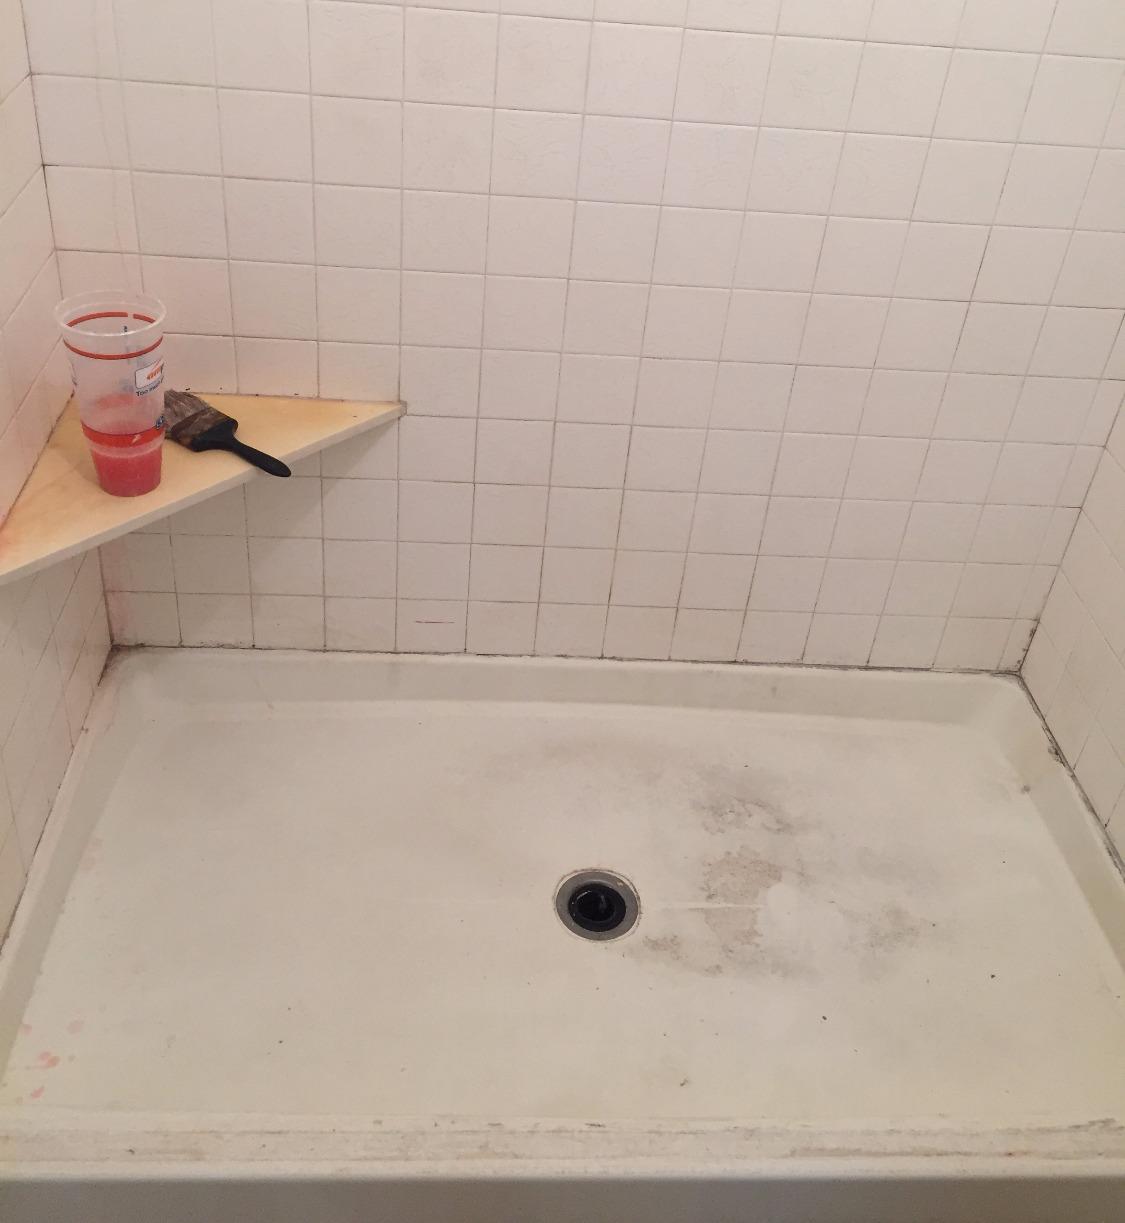 Shower stall Tile 1_edited